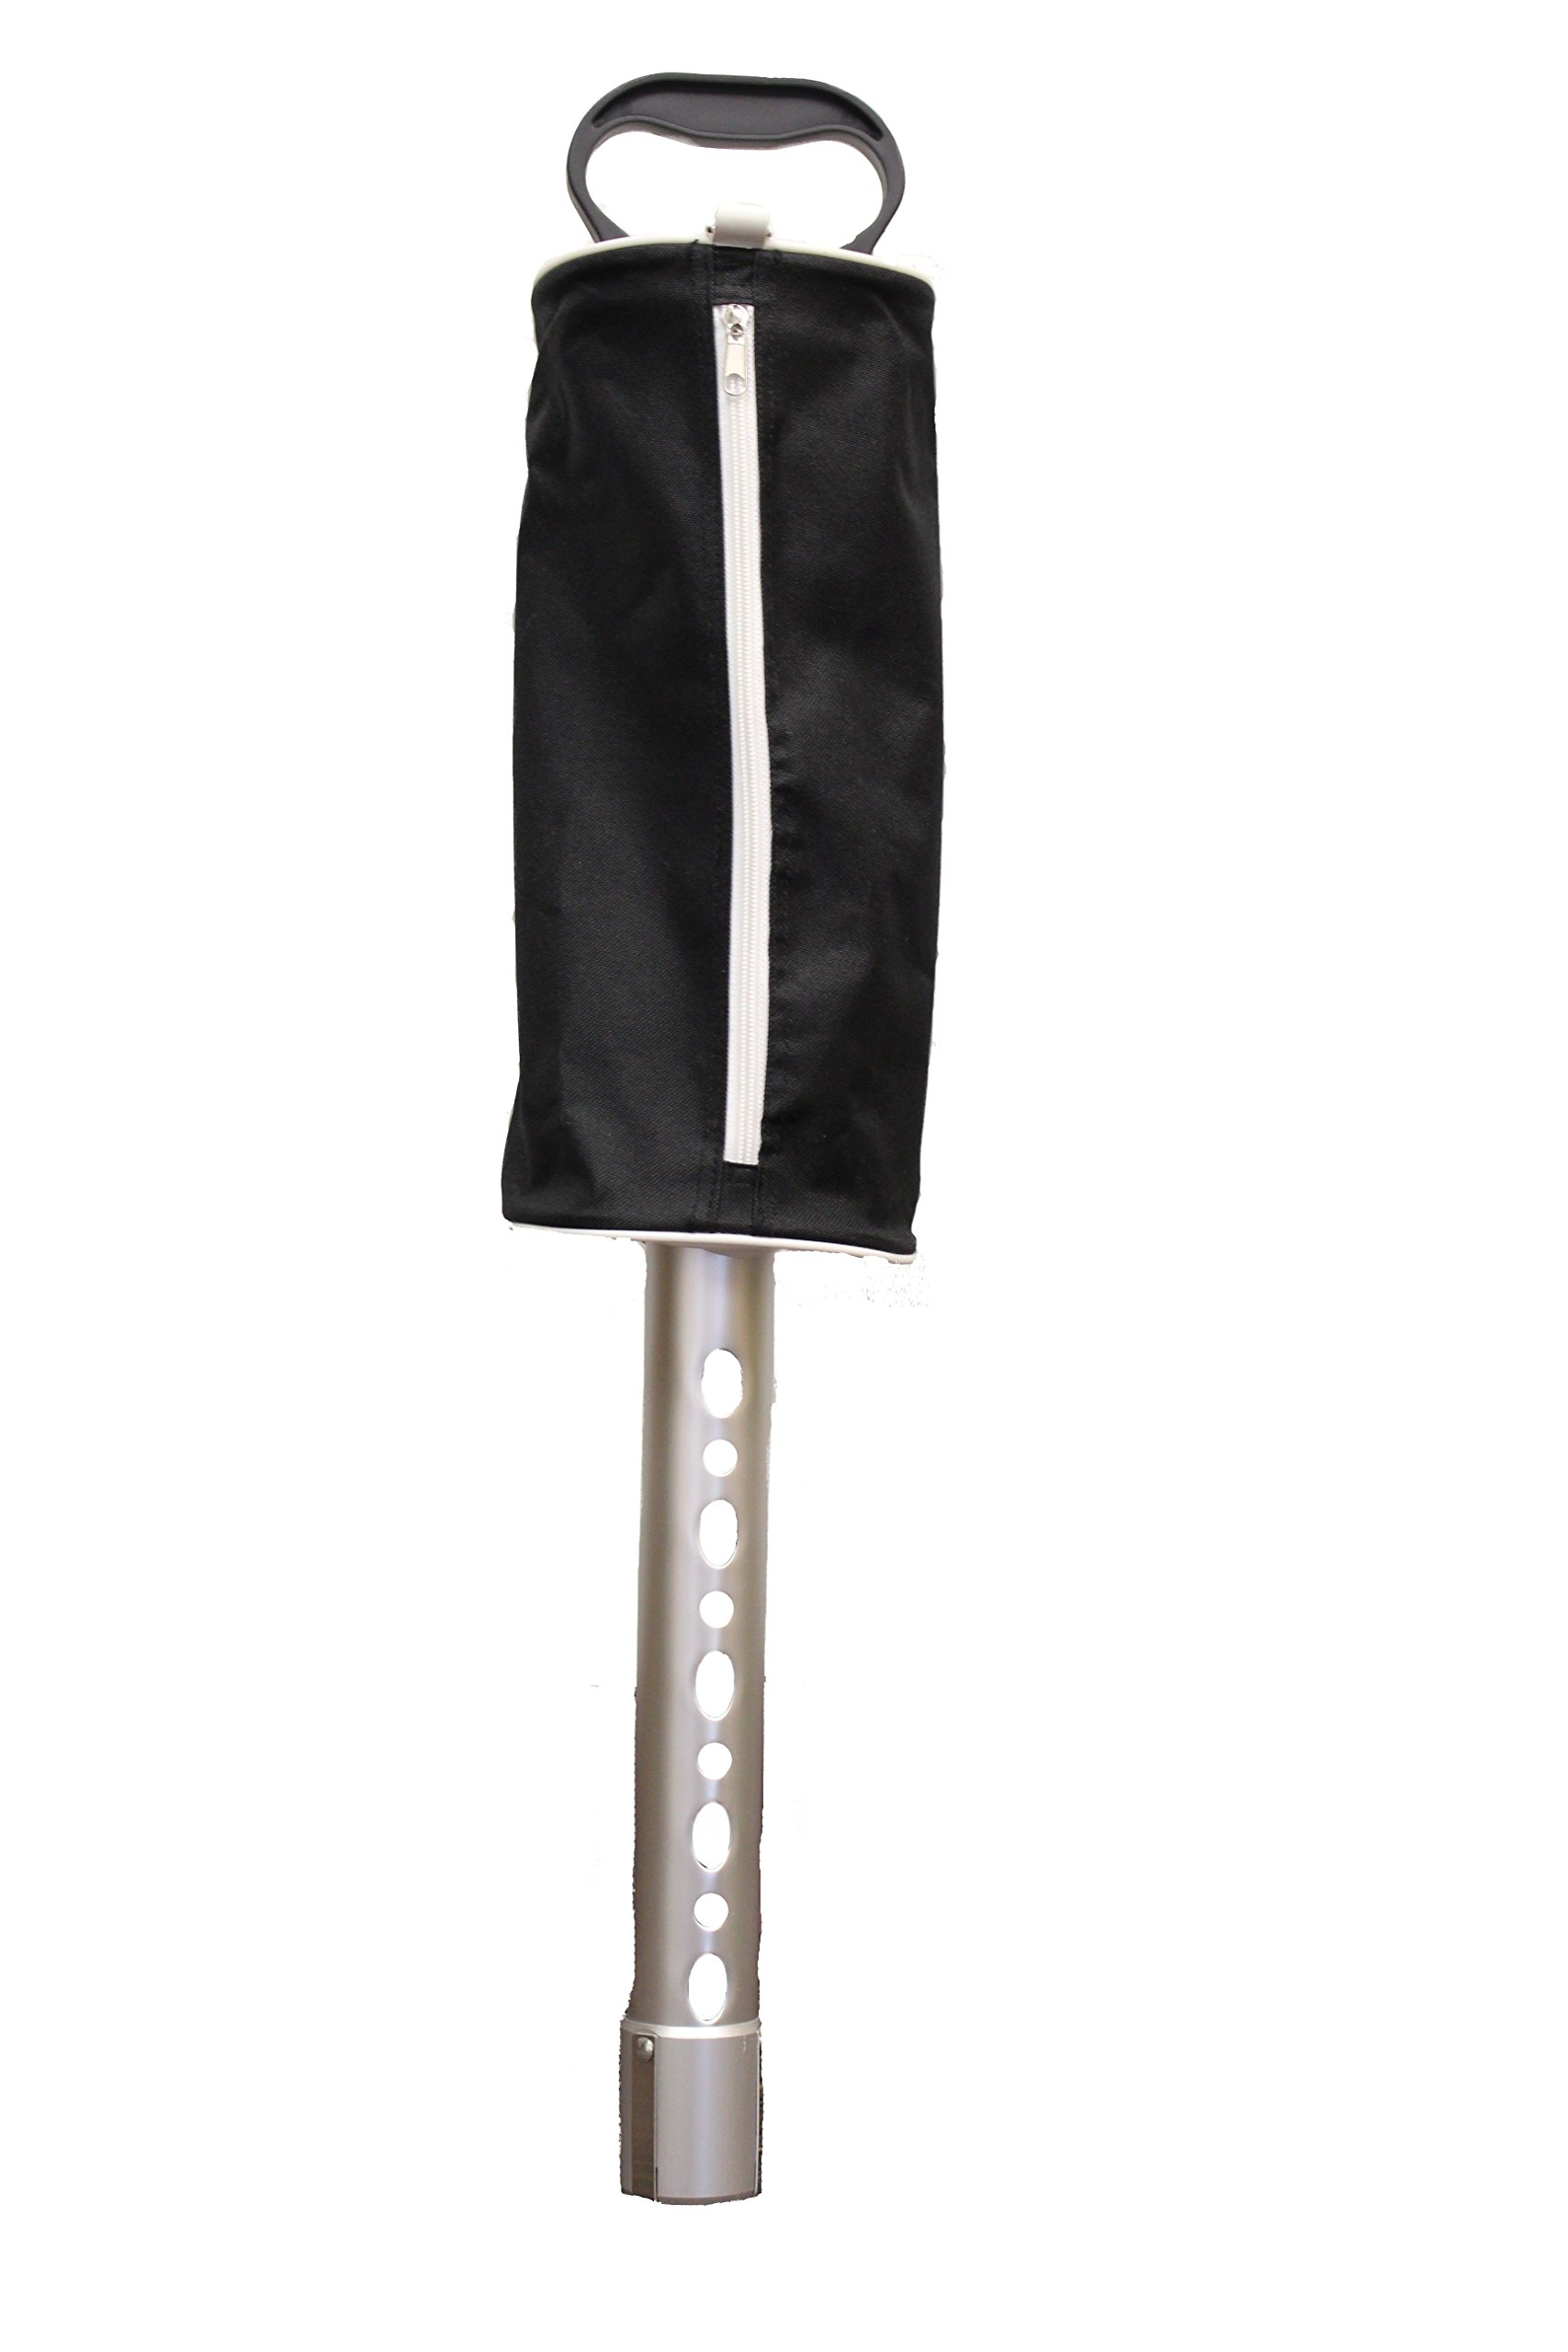 JP Lann Golf Ball Pick Up Shag Bag